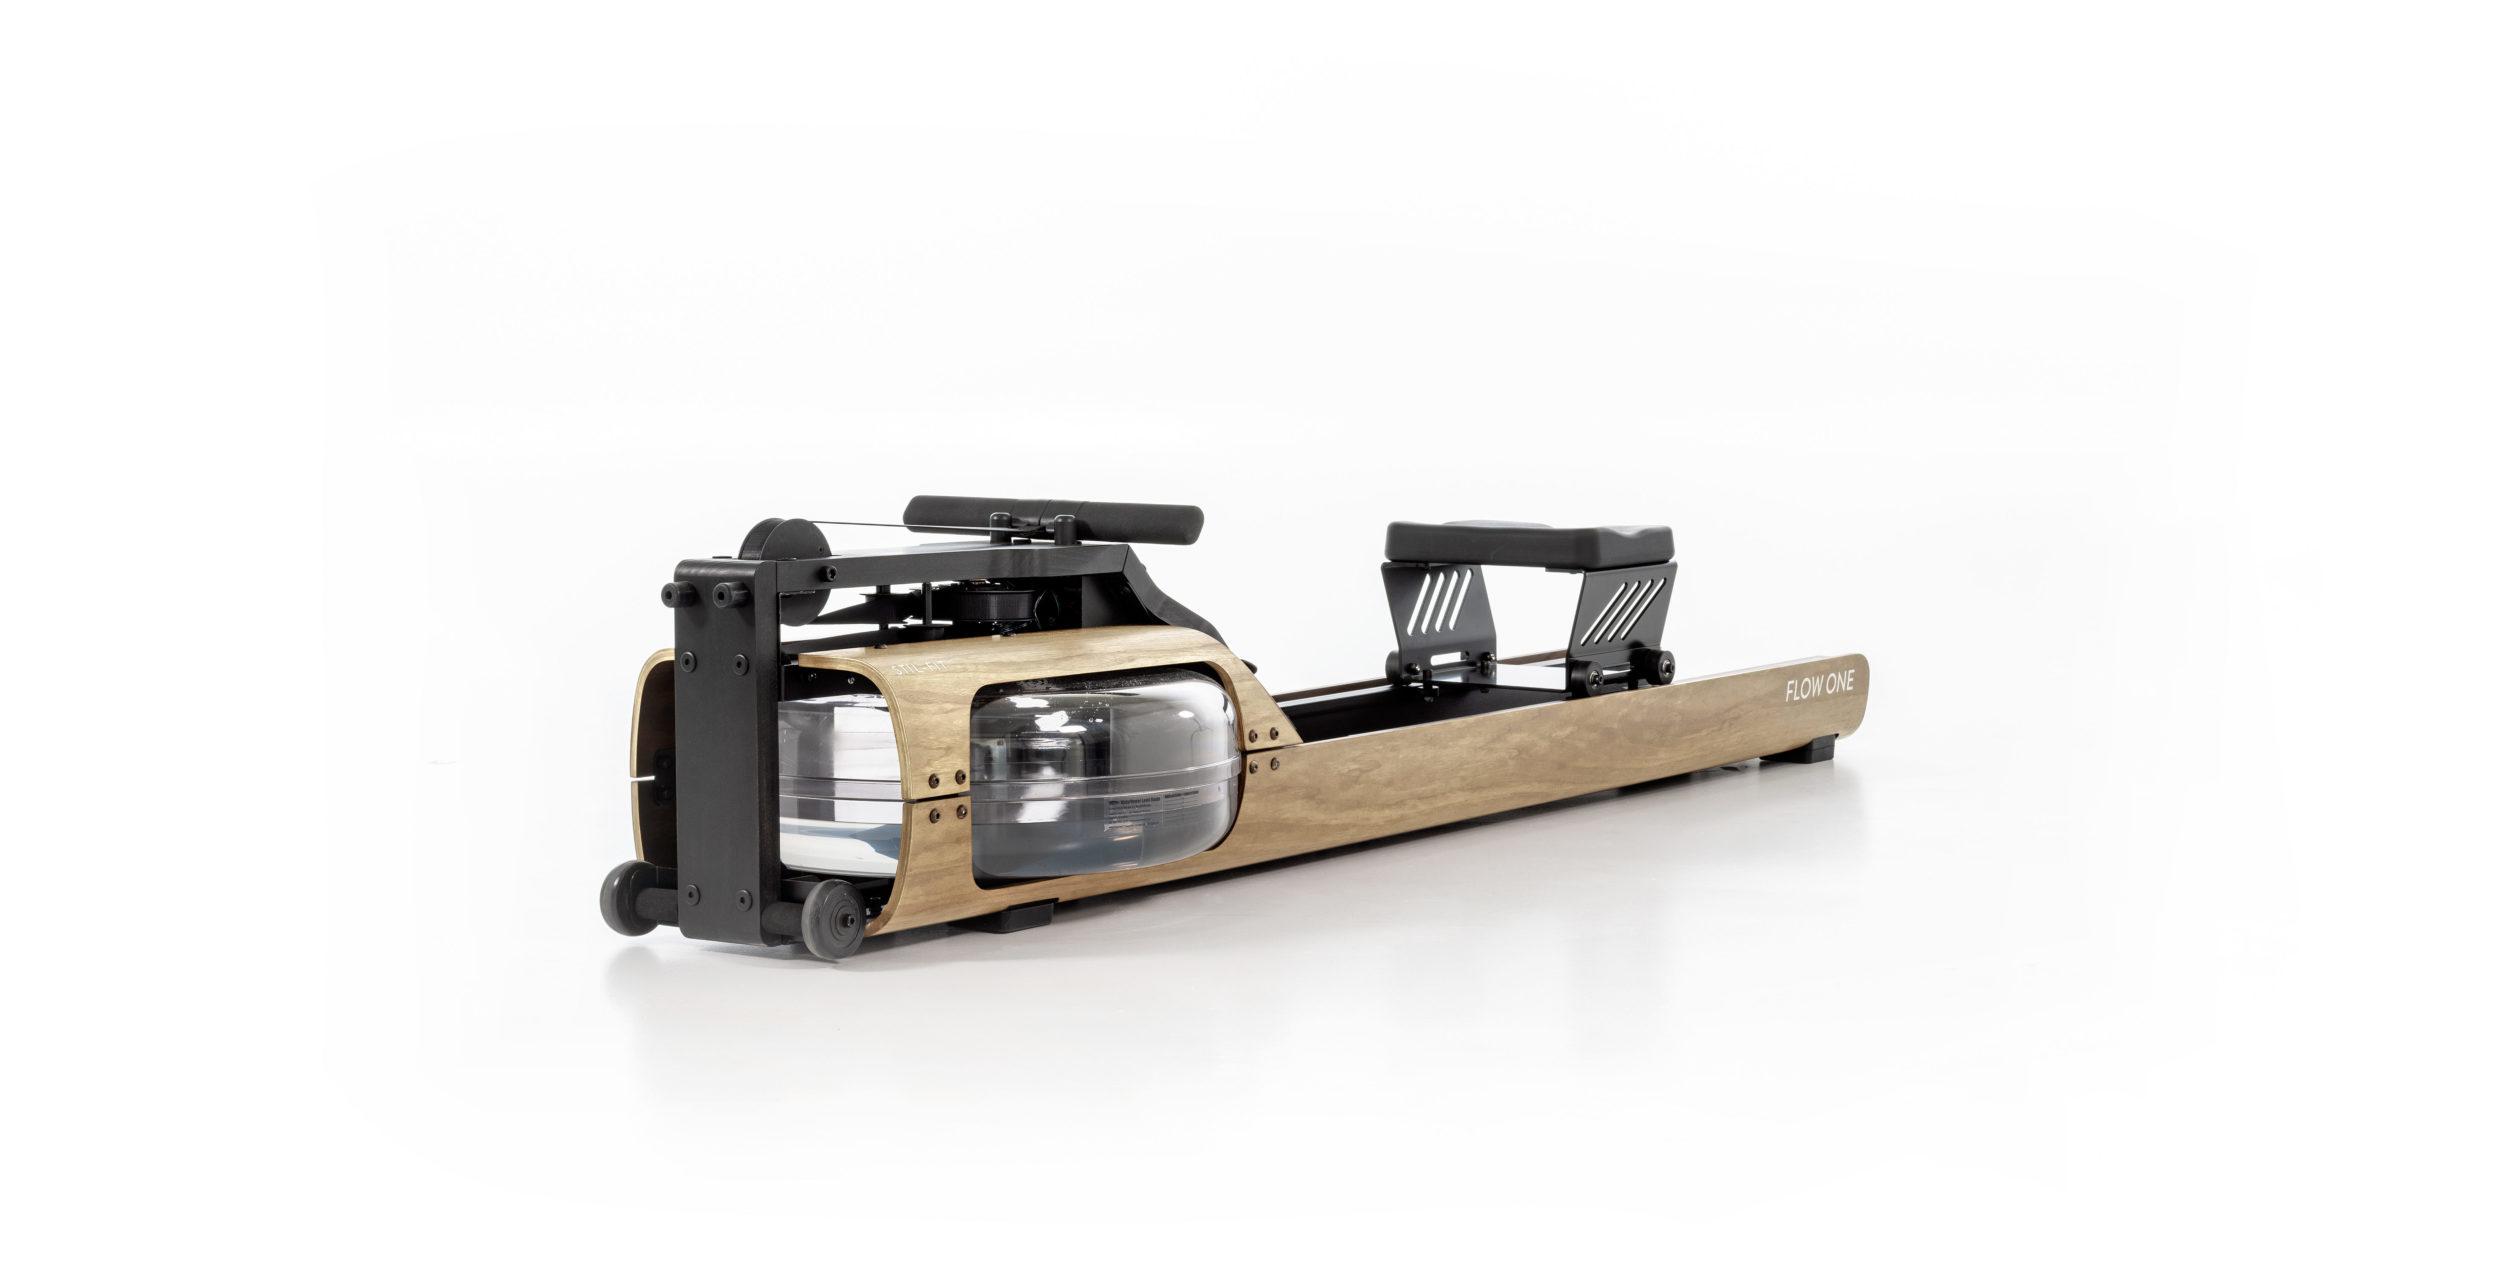 STIL-FIT Rower FLOW-ONE Oak wood